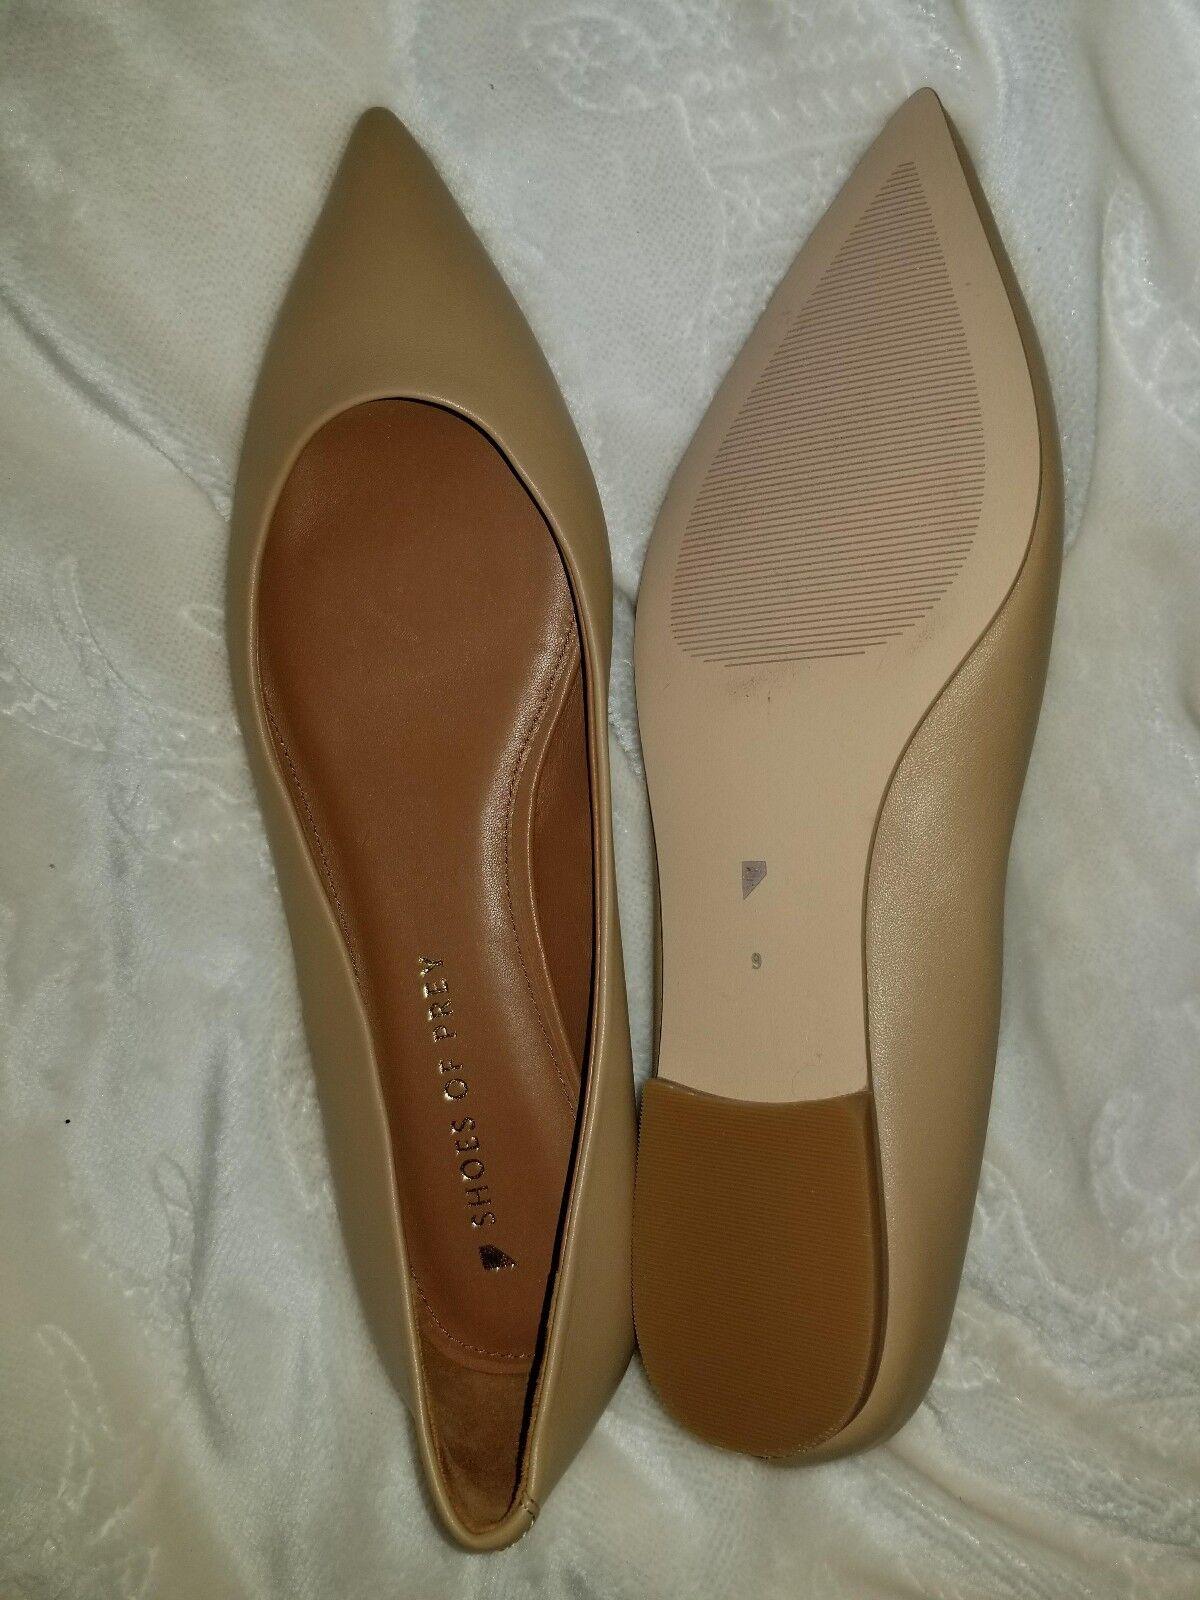 schuhe schuhe schuhe of Prey - Tan Leather Flats - Größe 9 - NEW- (offers accepted) e32017